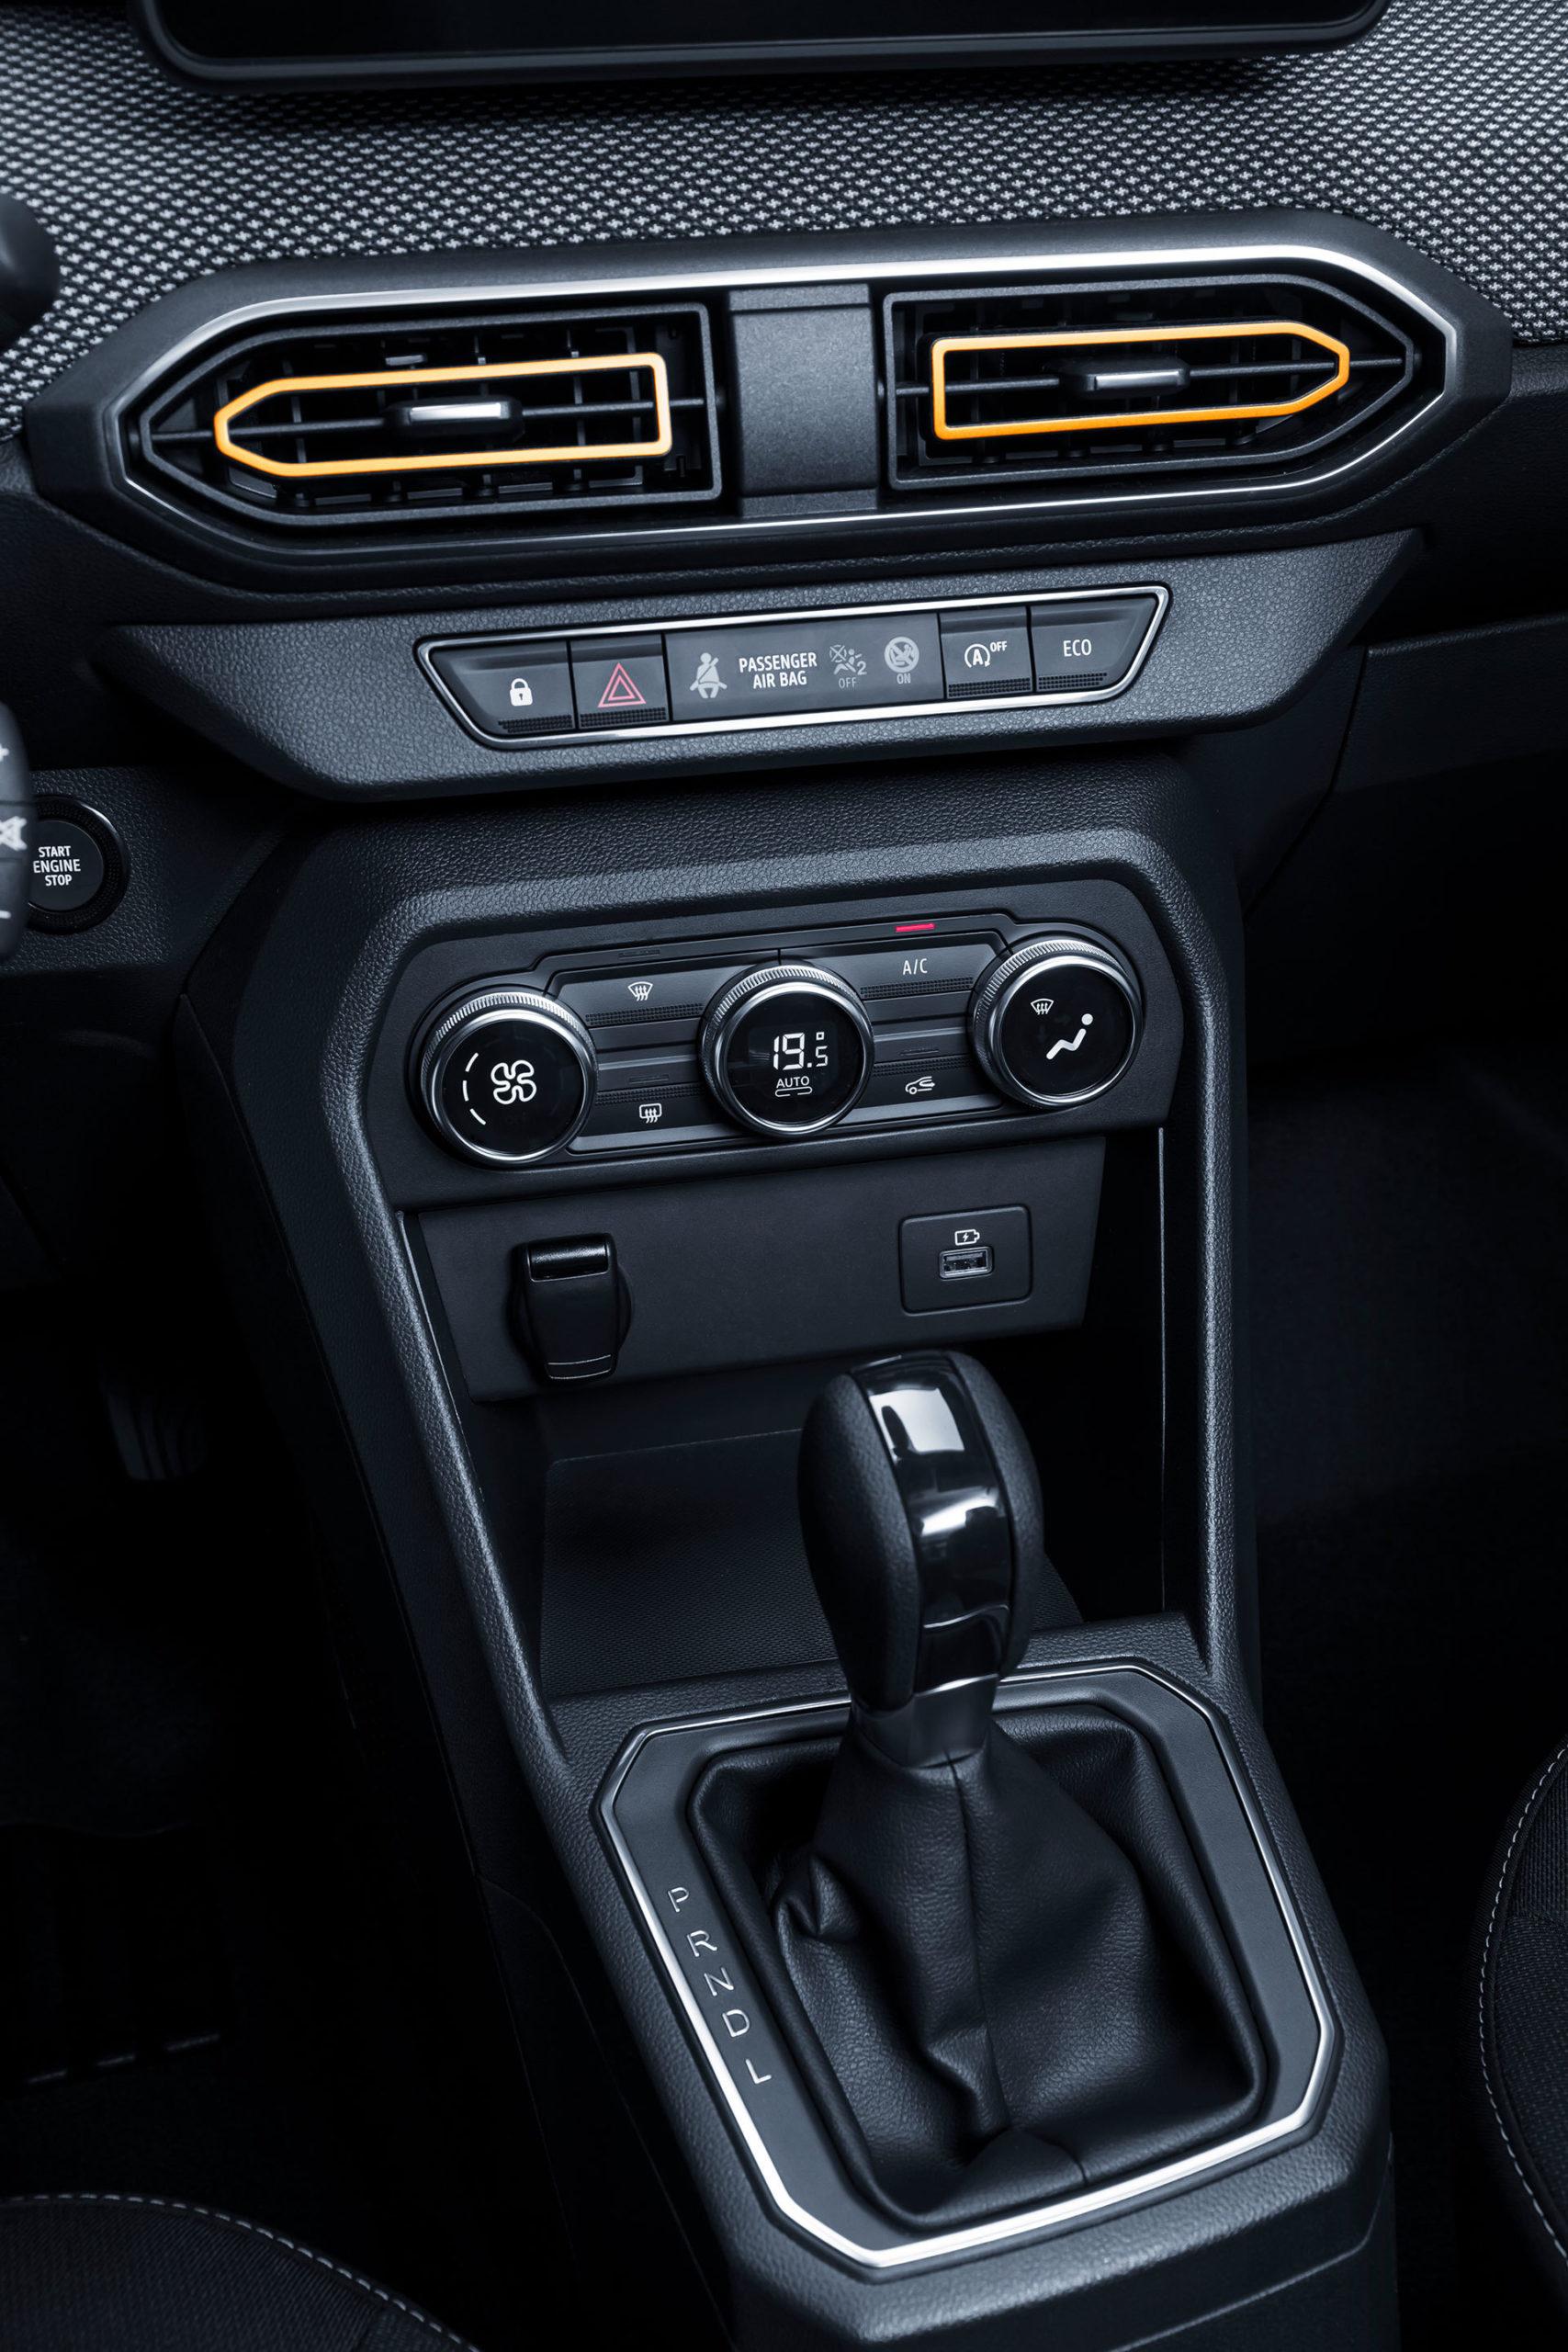 Dacia Sandero Stepway 2020 Interior 03